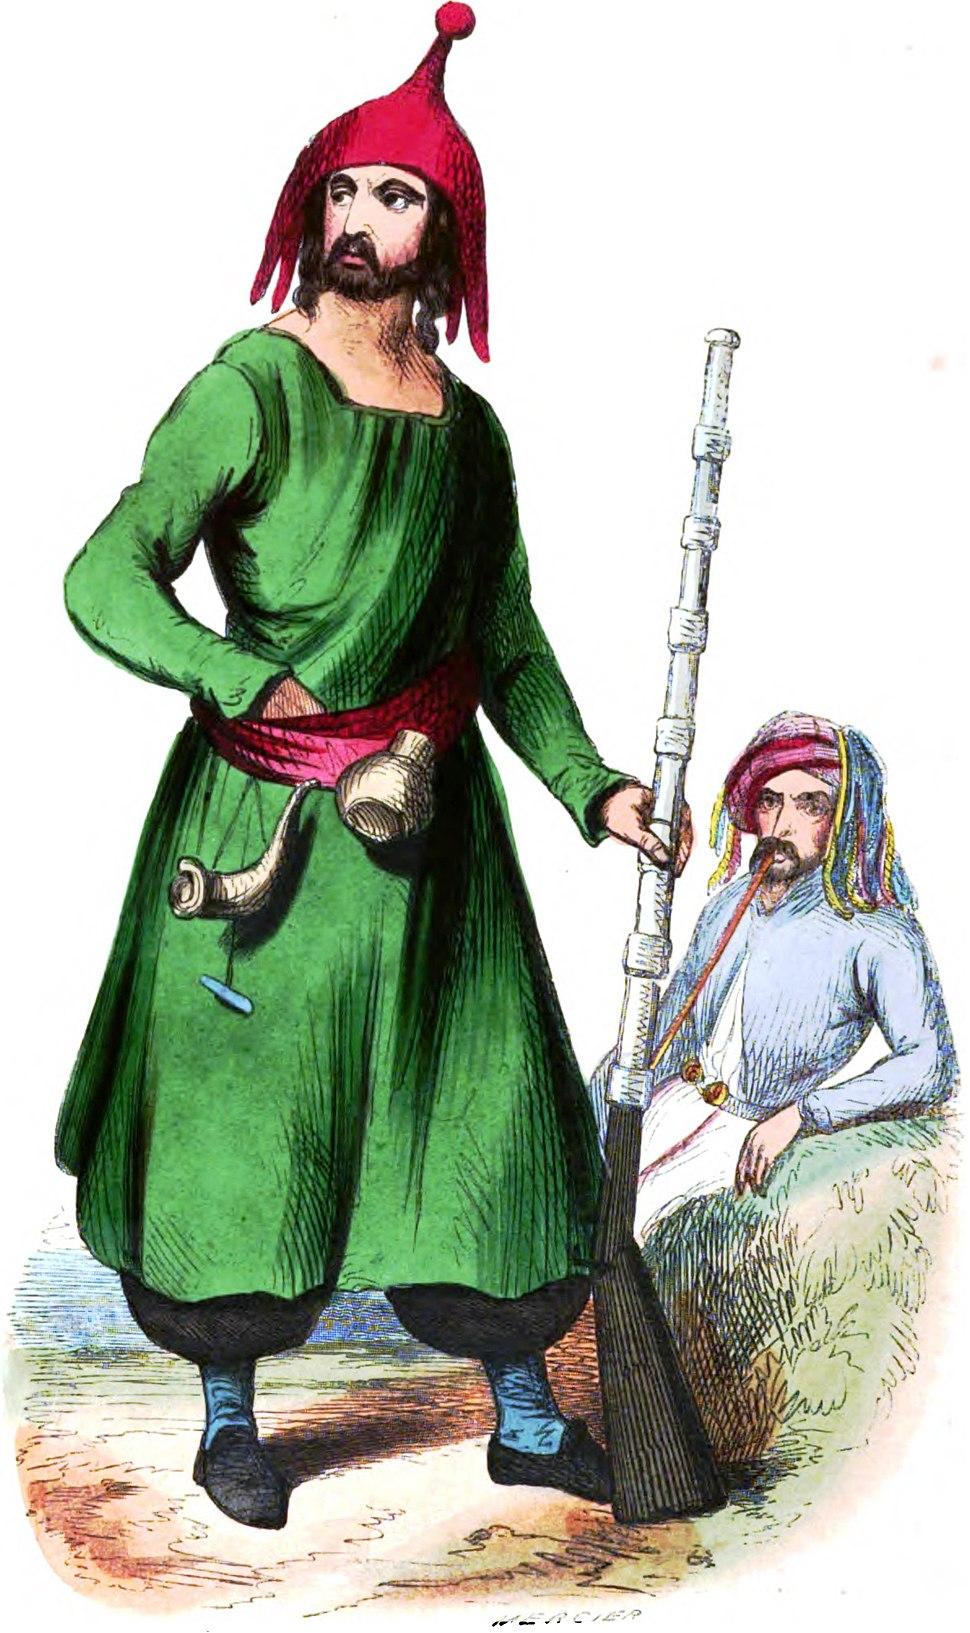 Mercier. Kurde (Asie). Auguste Wahlen. Moeurs, usages et costumes de tous les peuples du monde. 1843